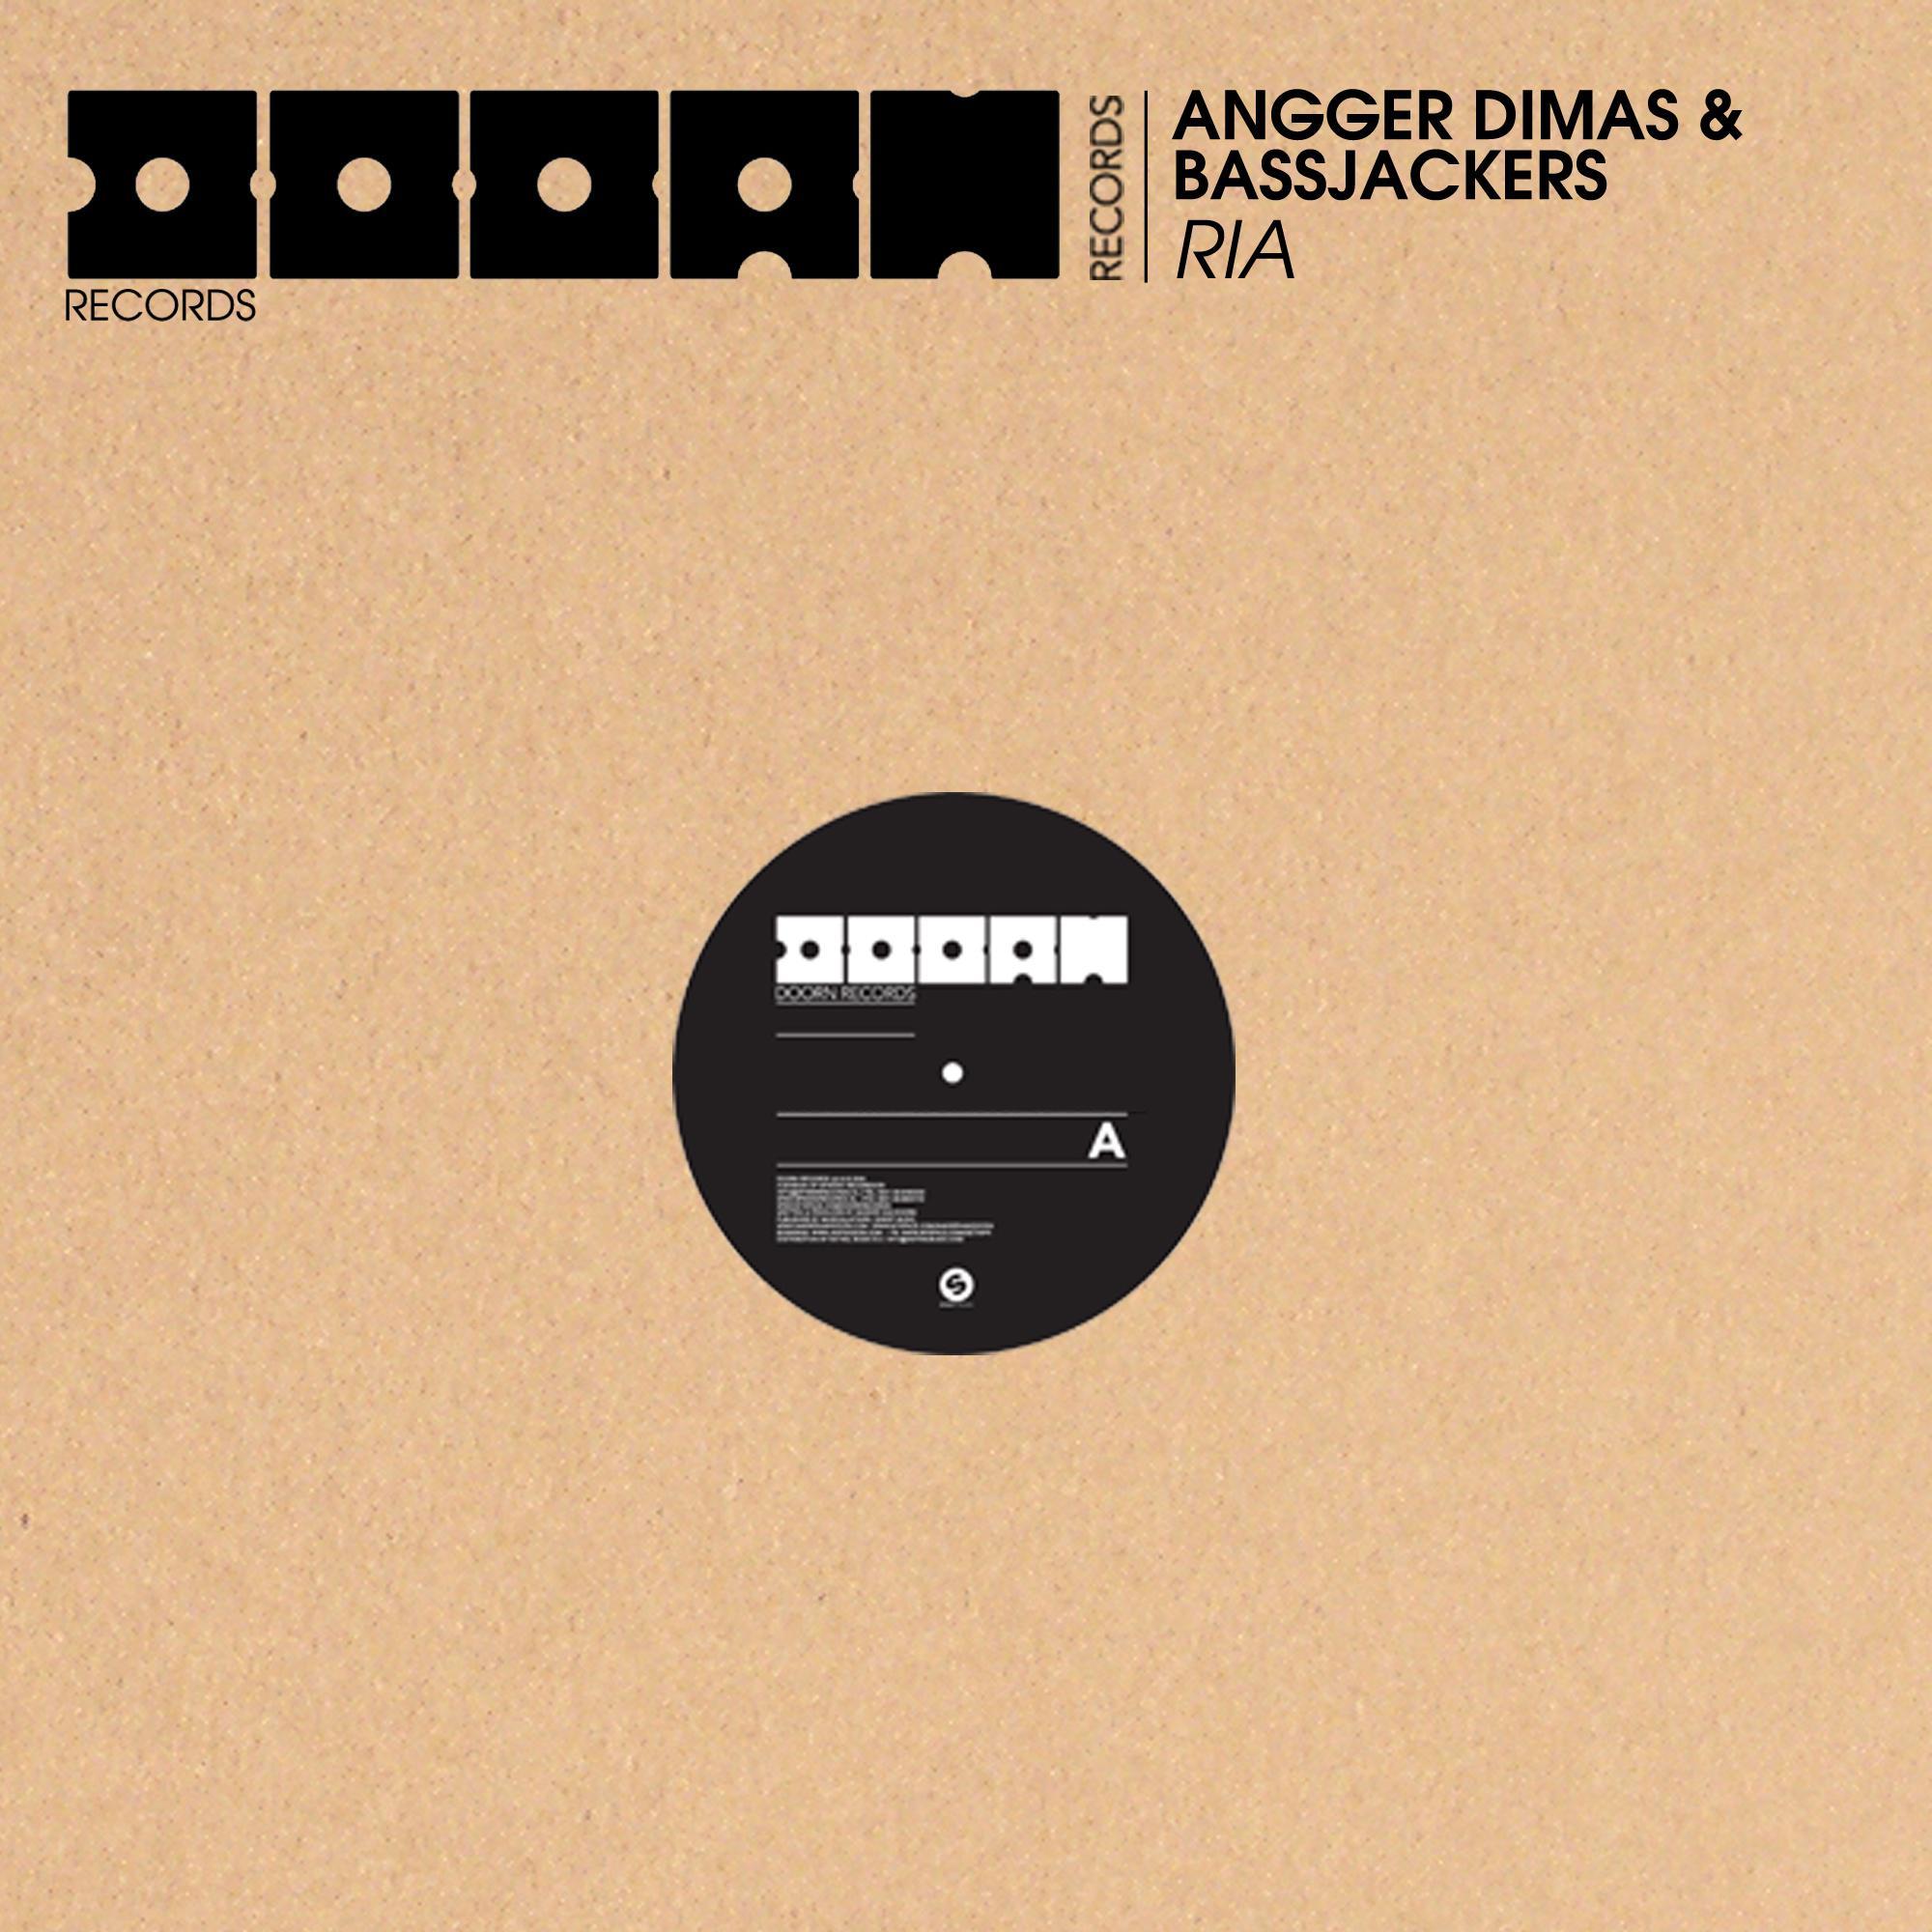 anggerdimas_ria - angger dimas/bassjackers - 网易云音乐